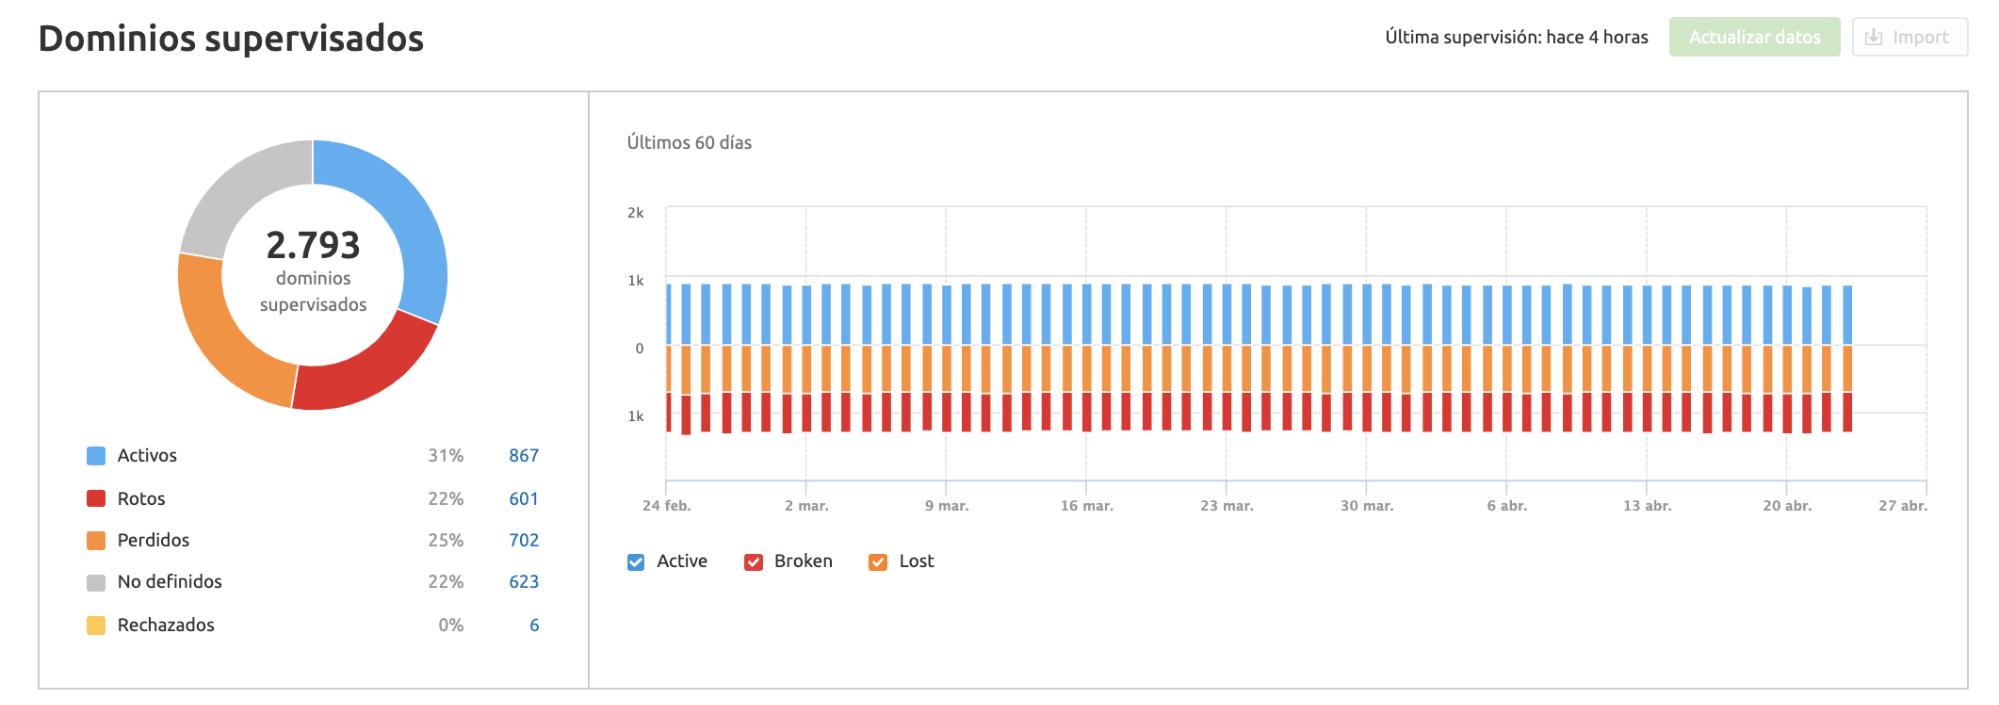 Cómo hacer linkbuilding - Dominios monitorizados